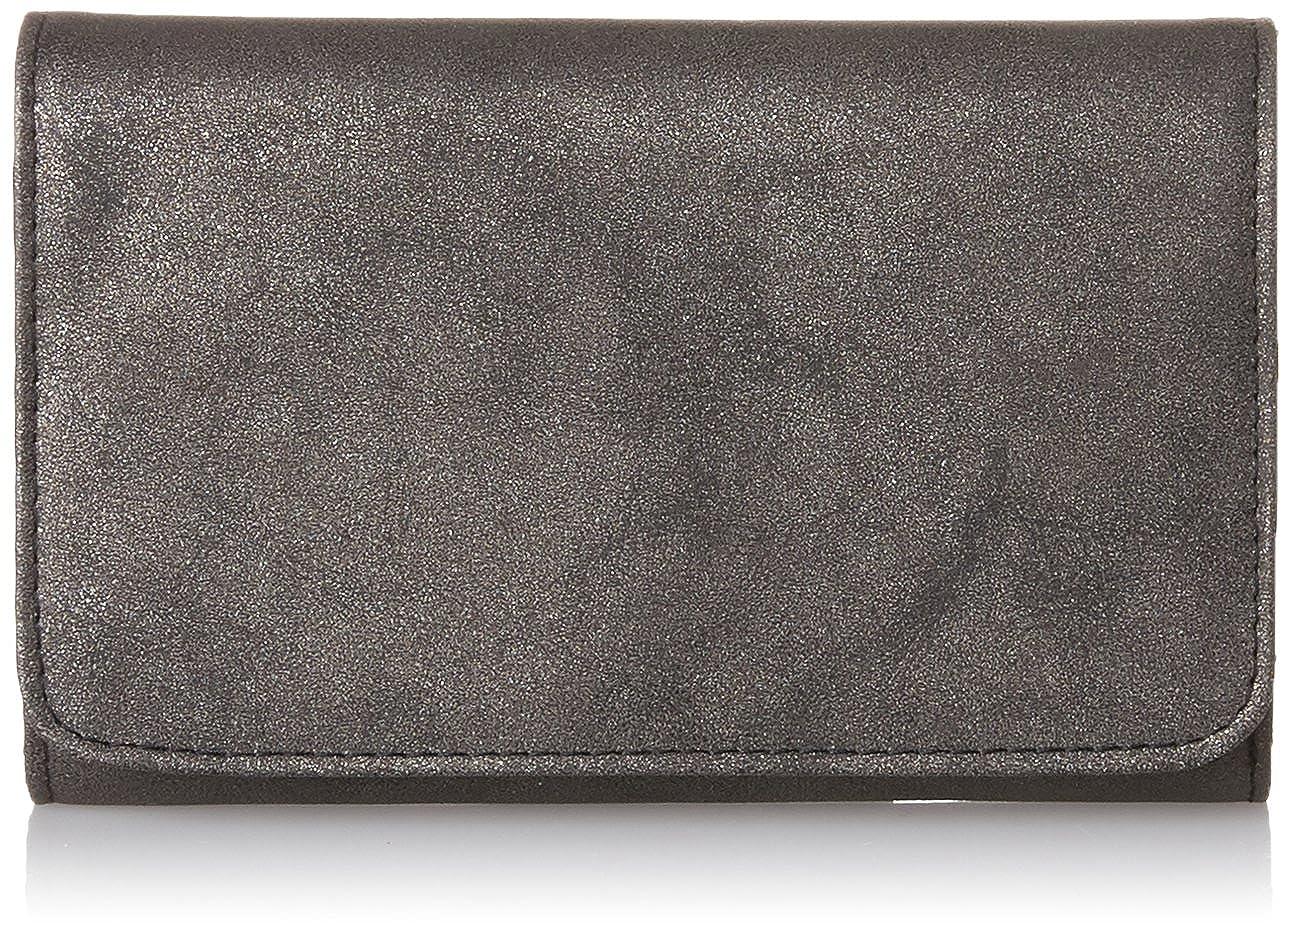 s.Oliver Damen 39.712.93.4889 Clutch 1x10x15,5 cm